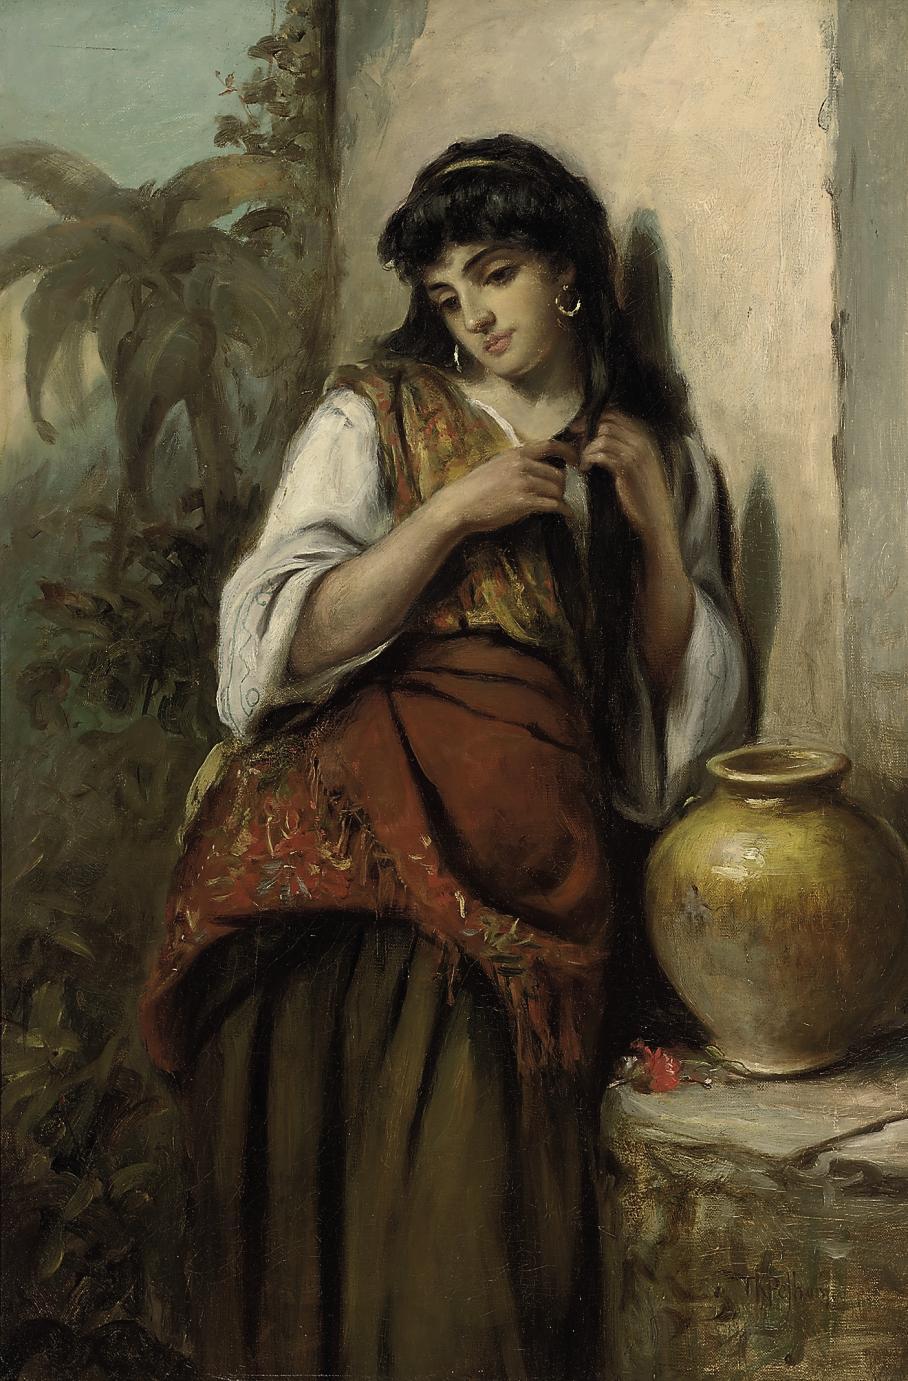 A little maid of Alicante